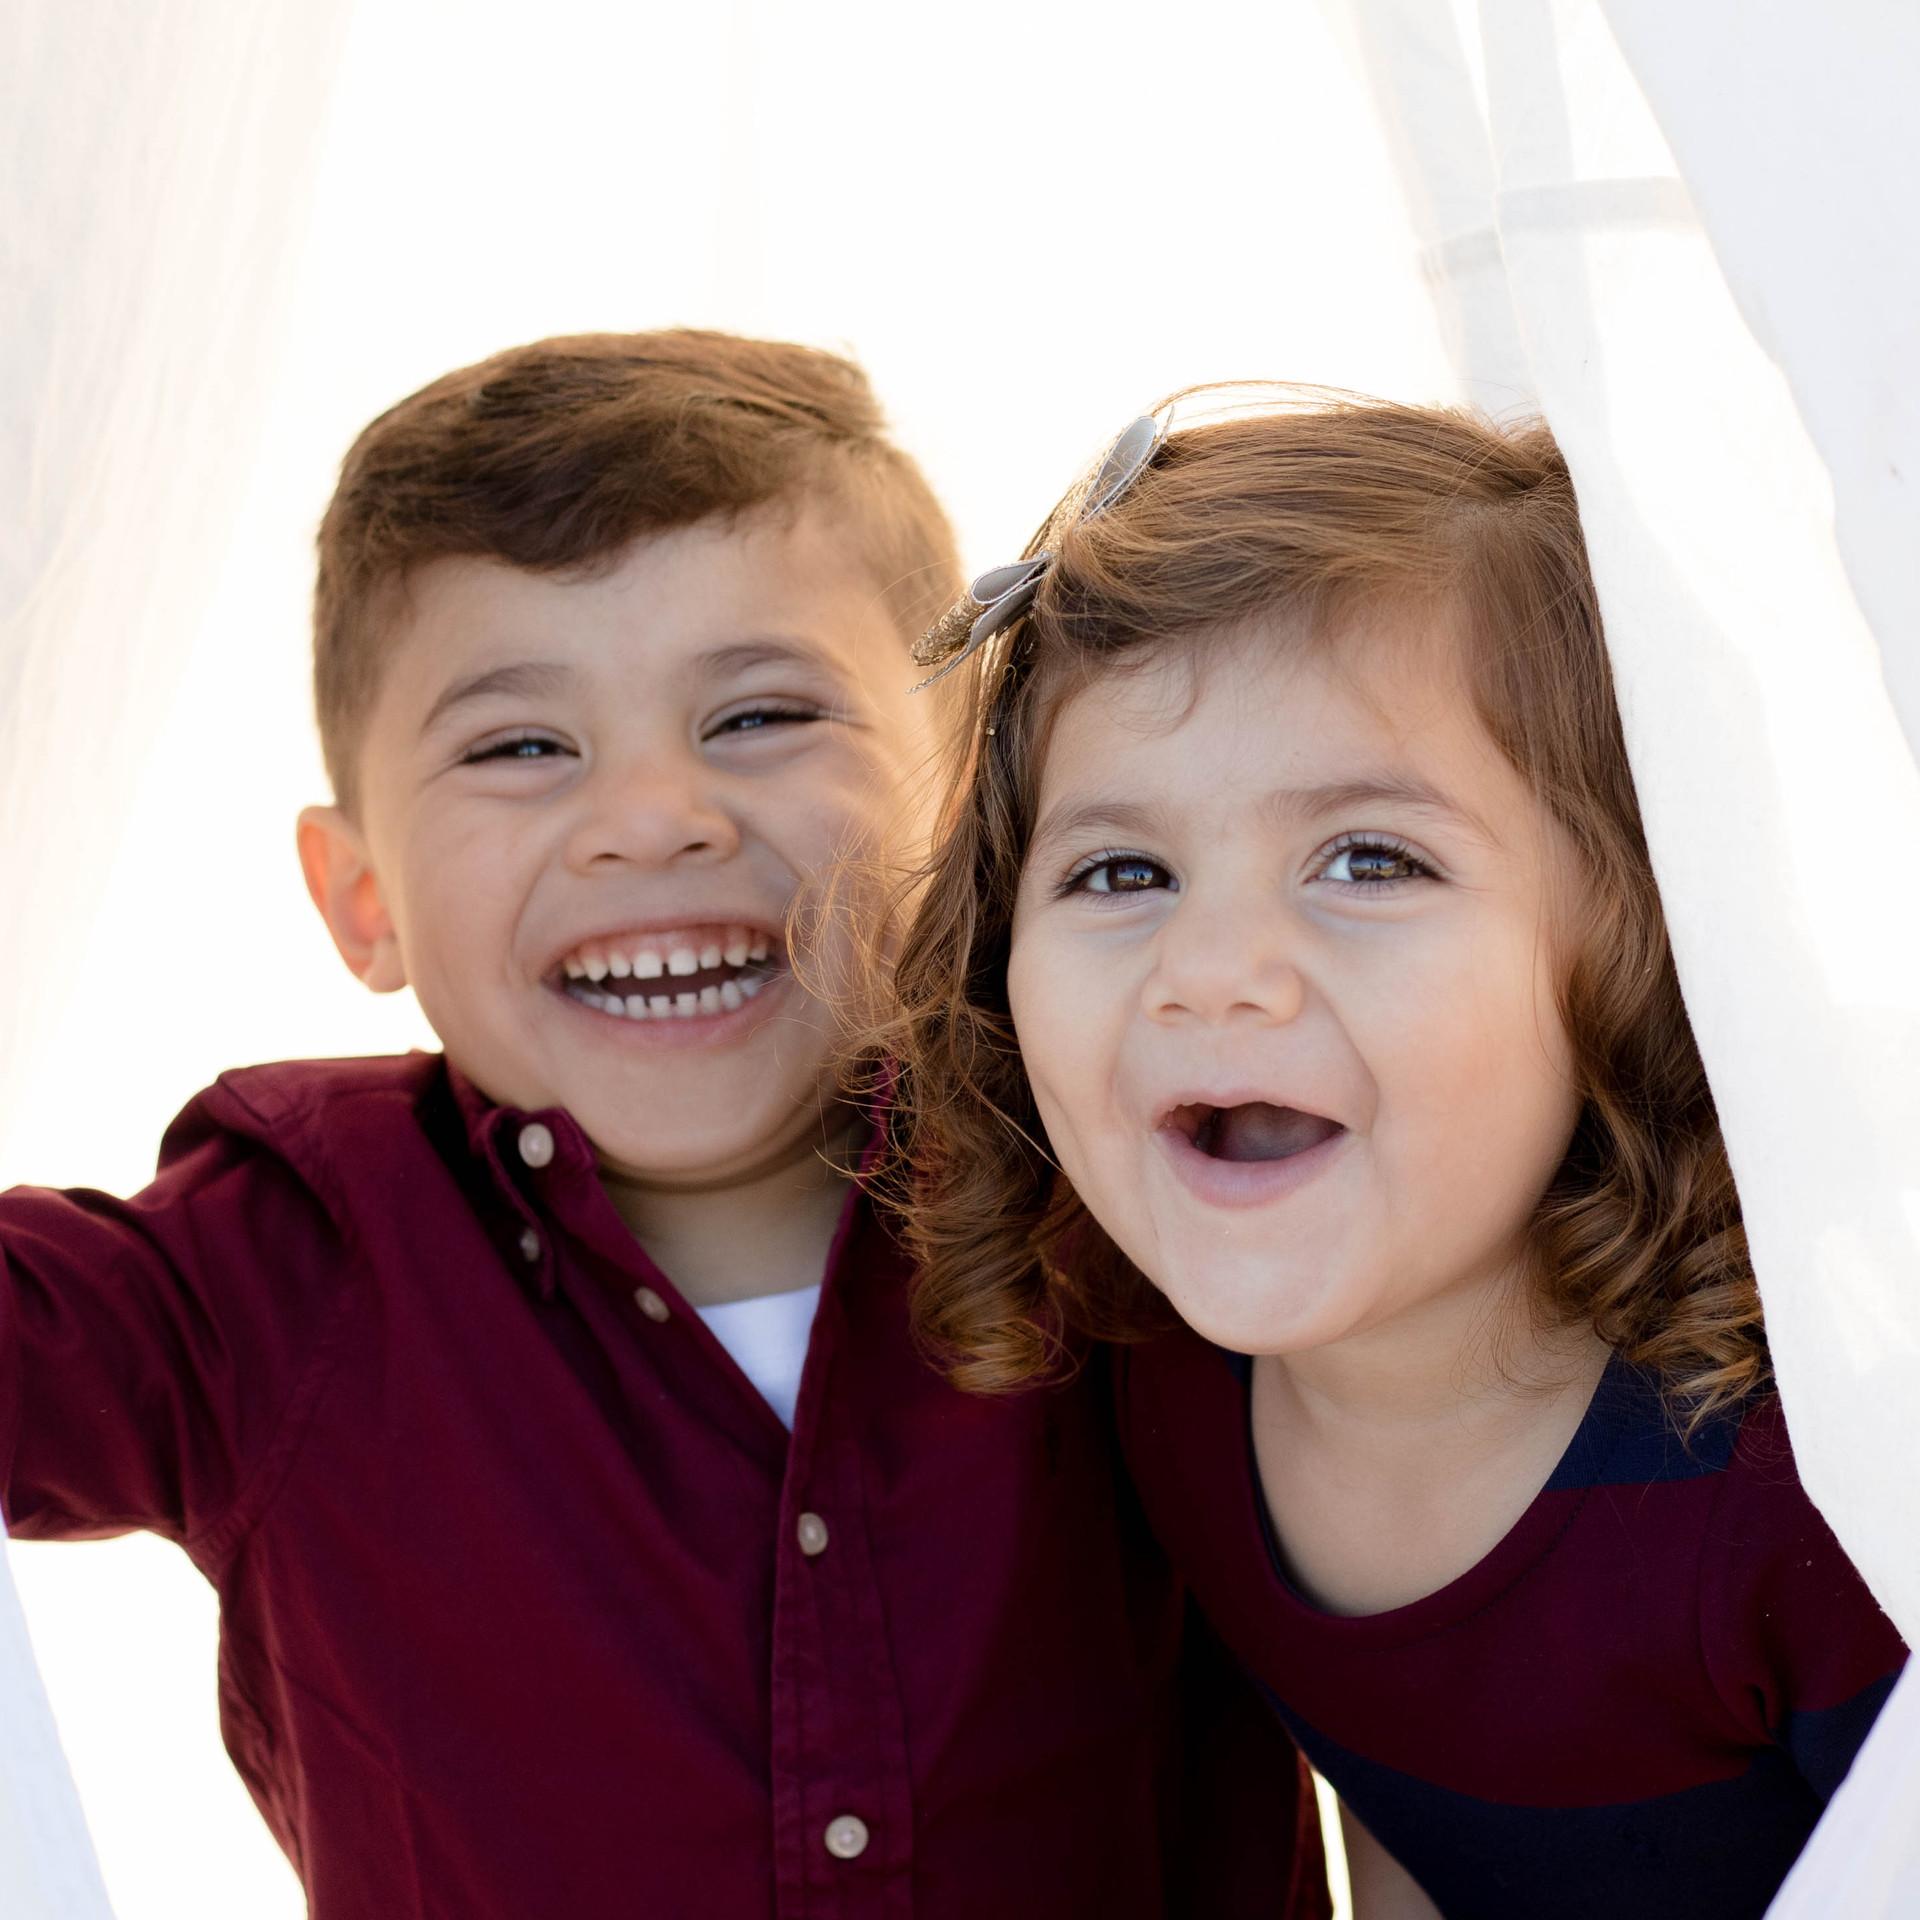 2020-12-05. Christmas Minis - Dorian & V